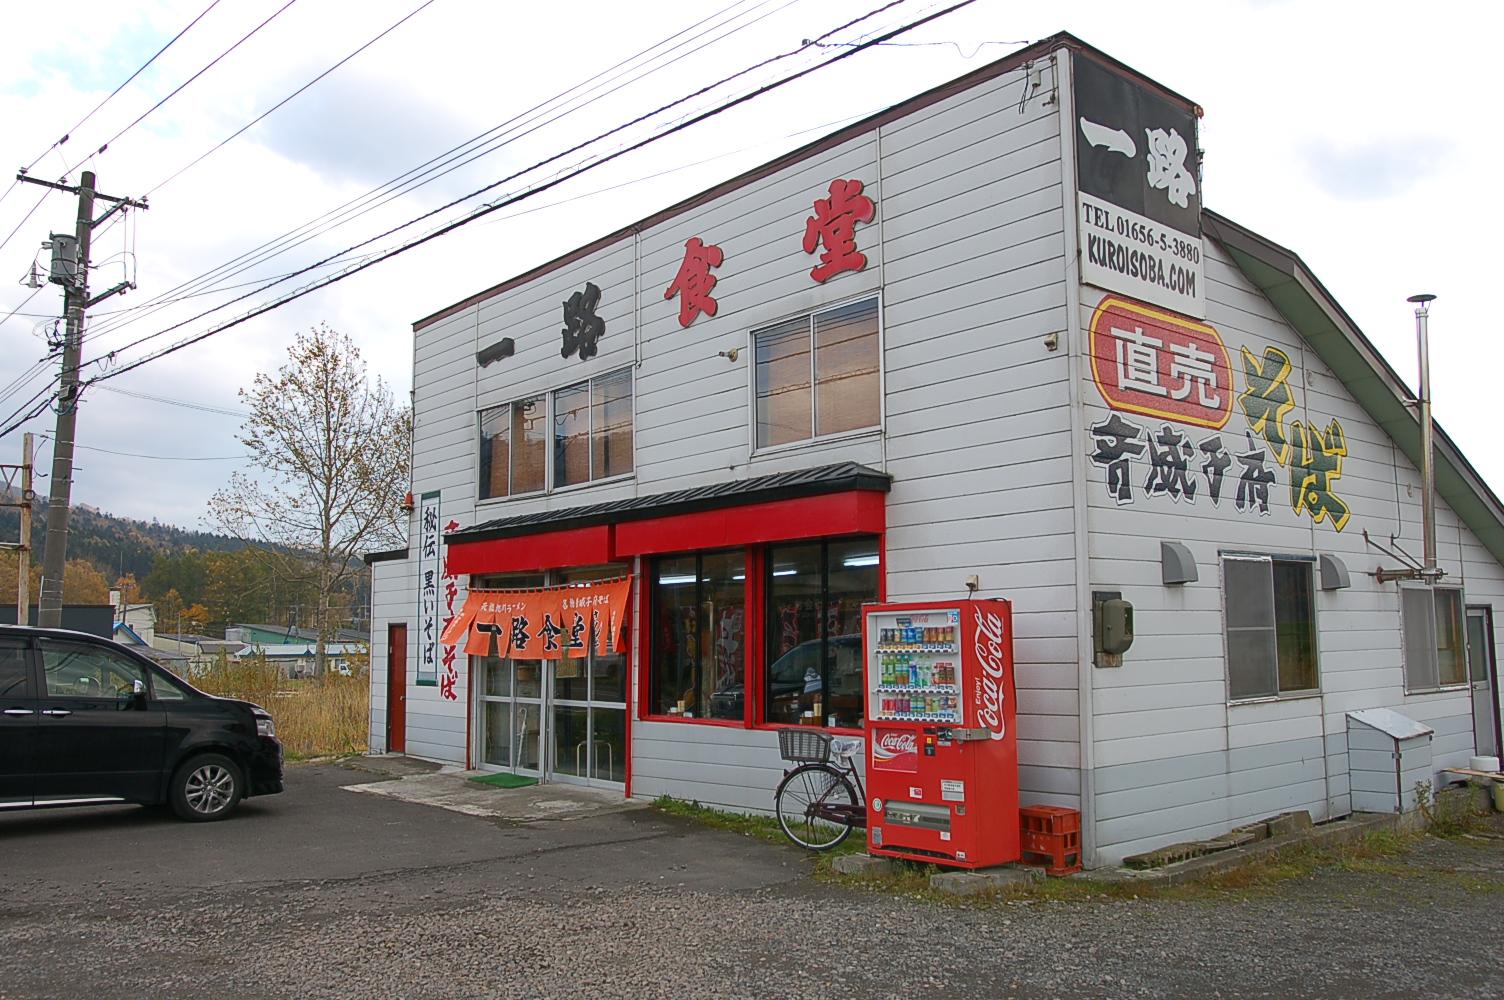 秋の音威子府村を体験する: 良いことは、広める